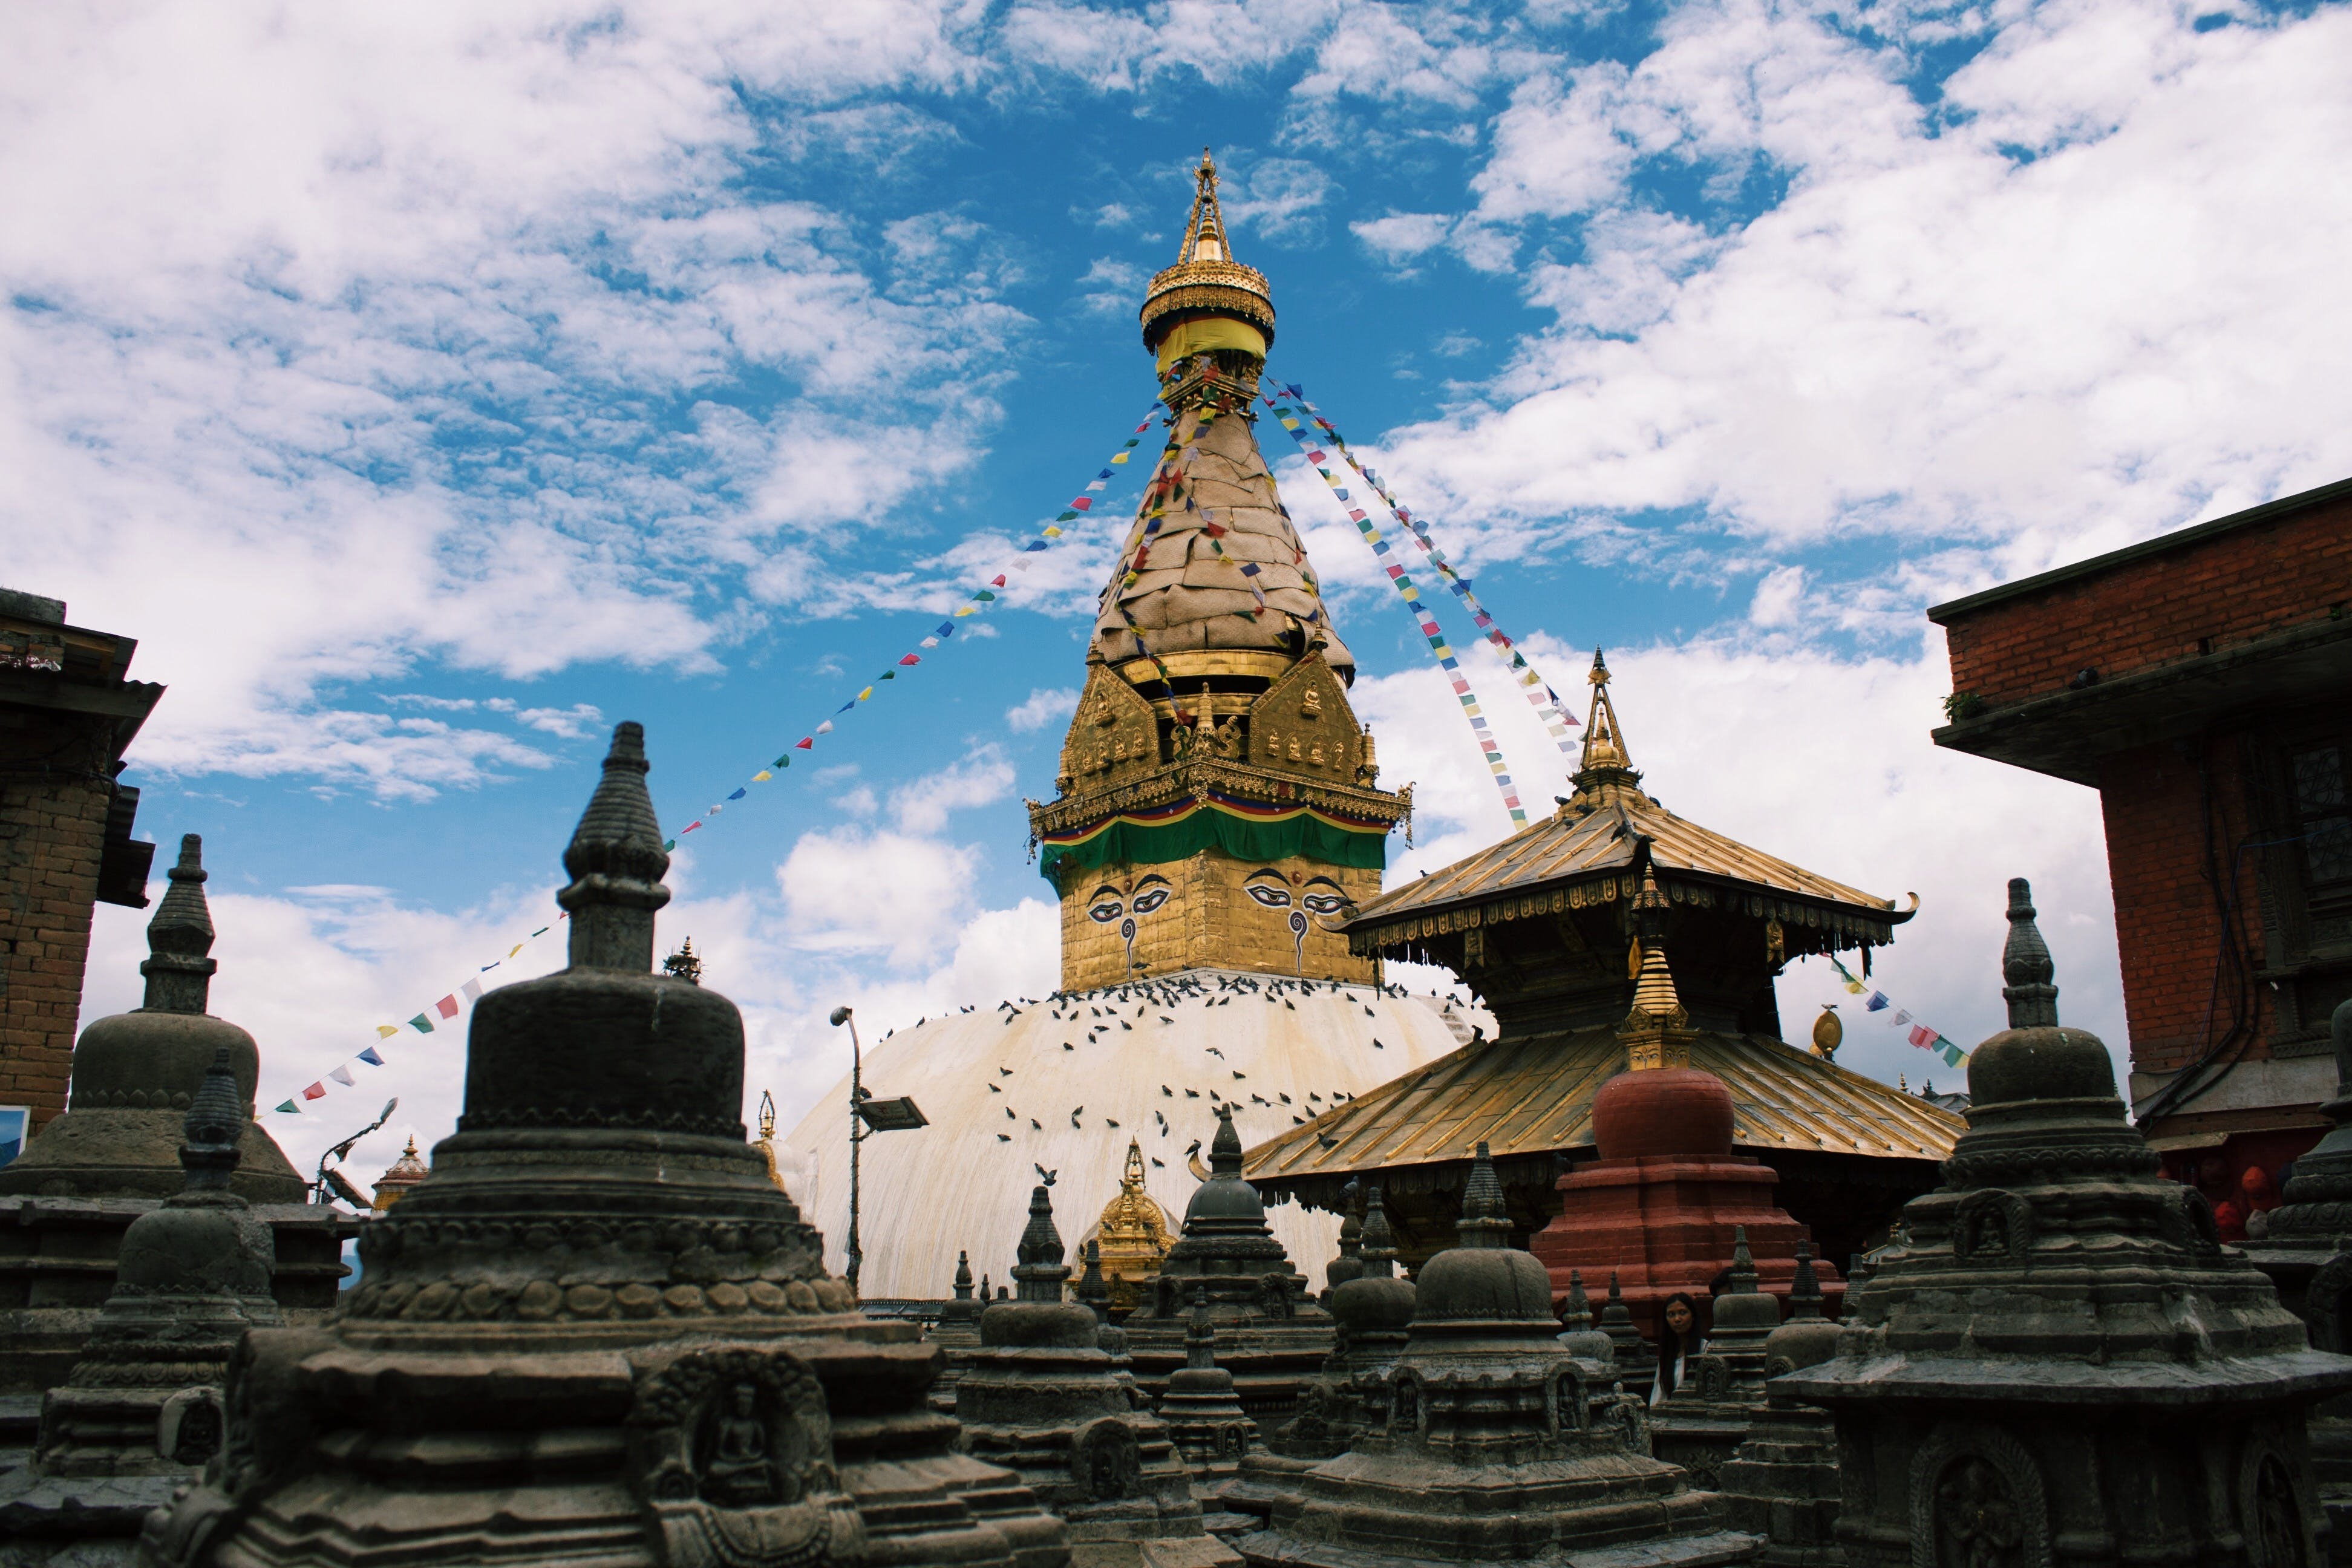 Δωρεάν στοκ φωτογραφιών με αρχαίος, αρχιτεκτονική, βουδισμός, θρησκεία